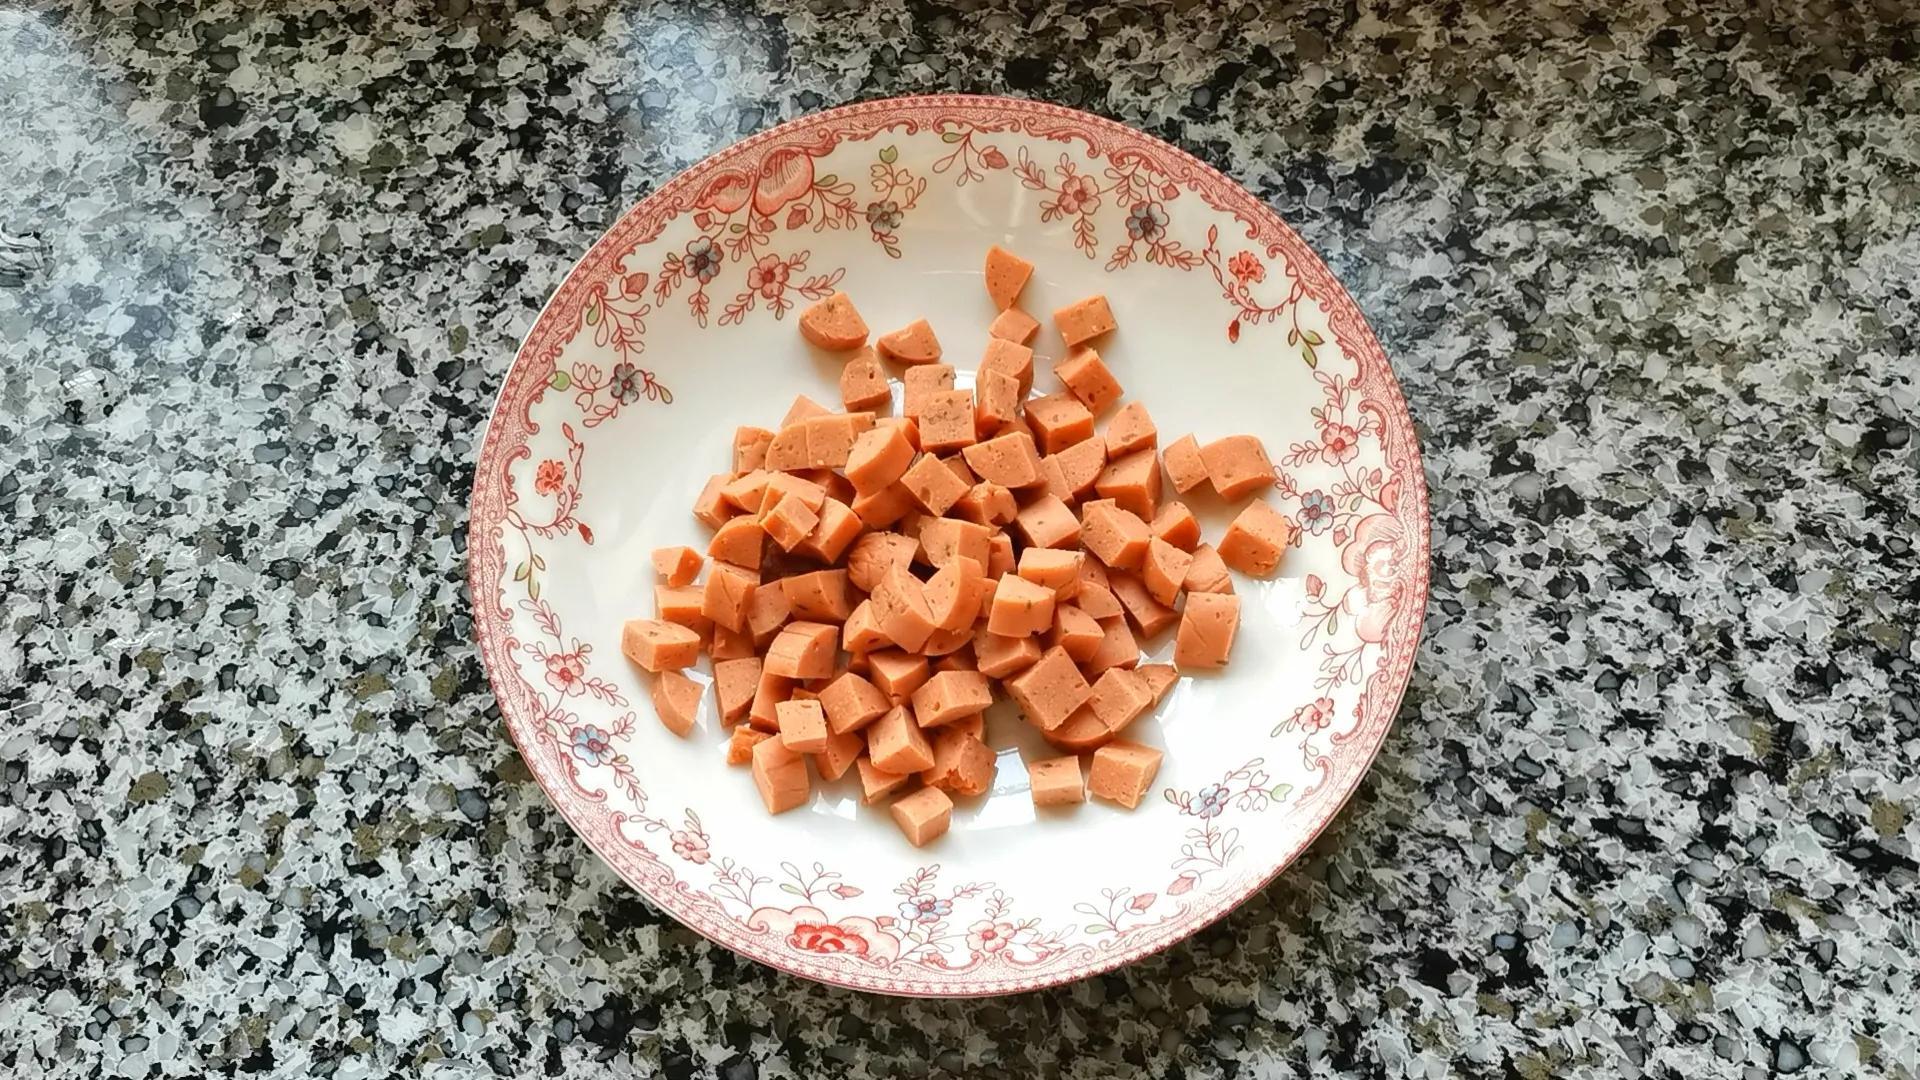 紫菜不要老做汤,试试这样做,好吃又营养,老中幼都爱吃 美食做法 第3张